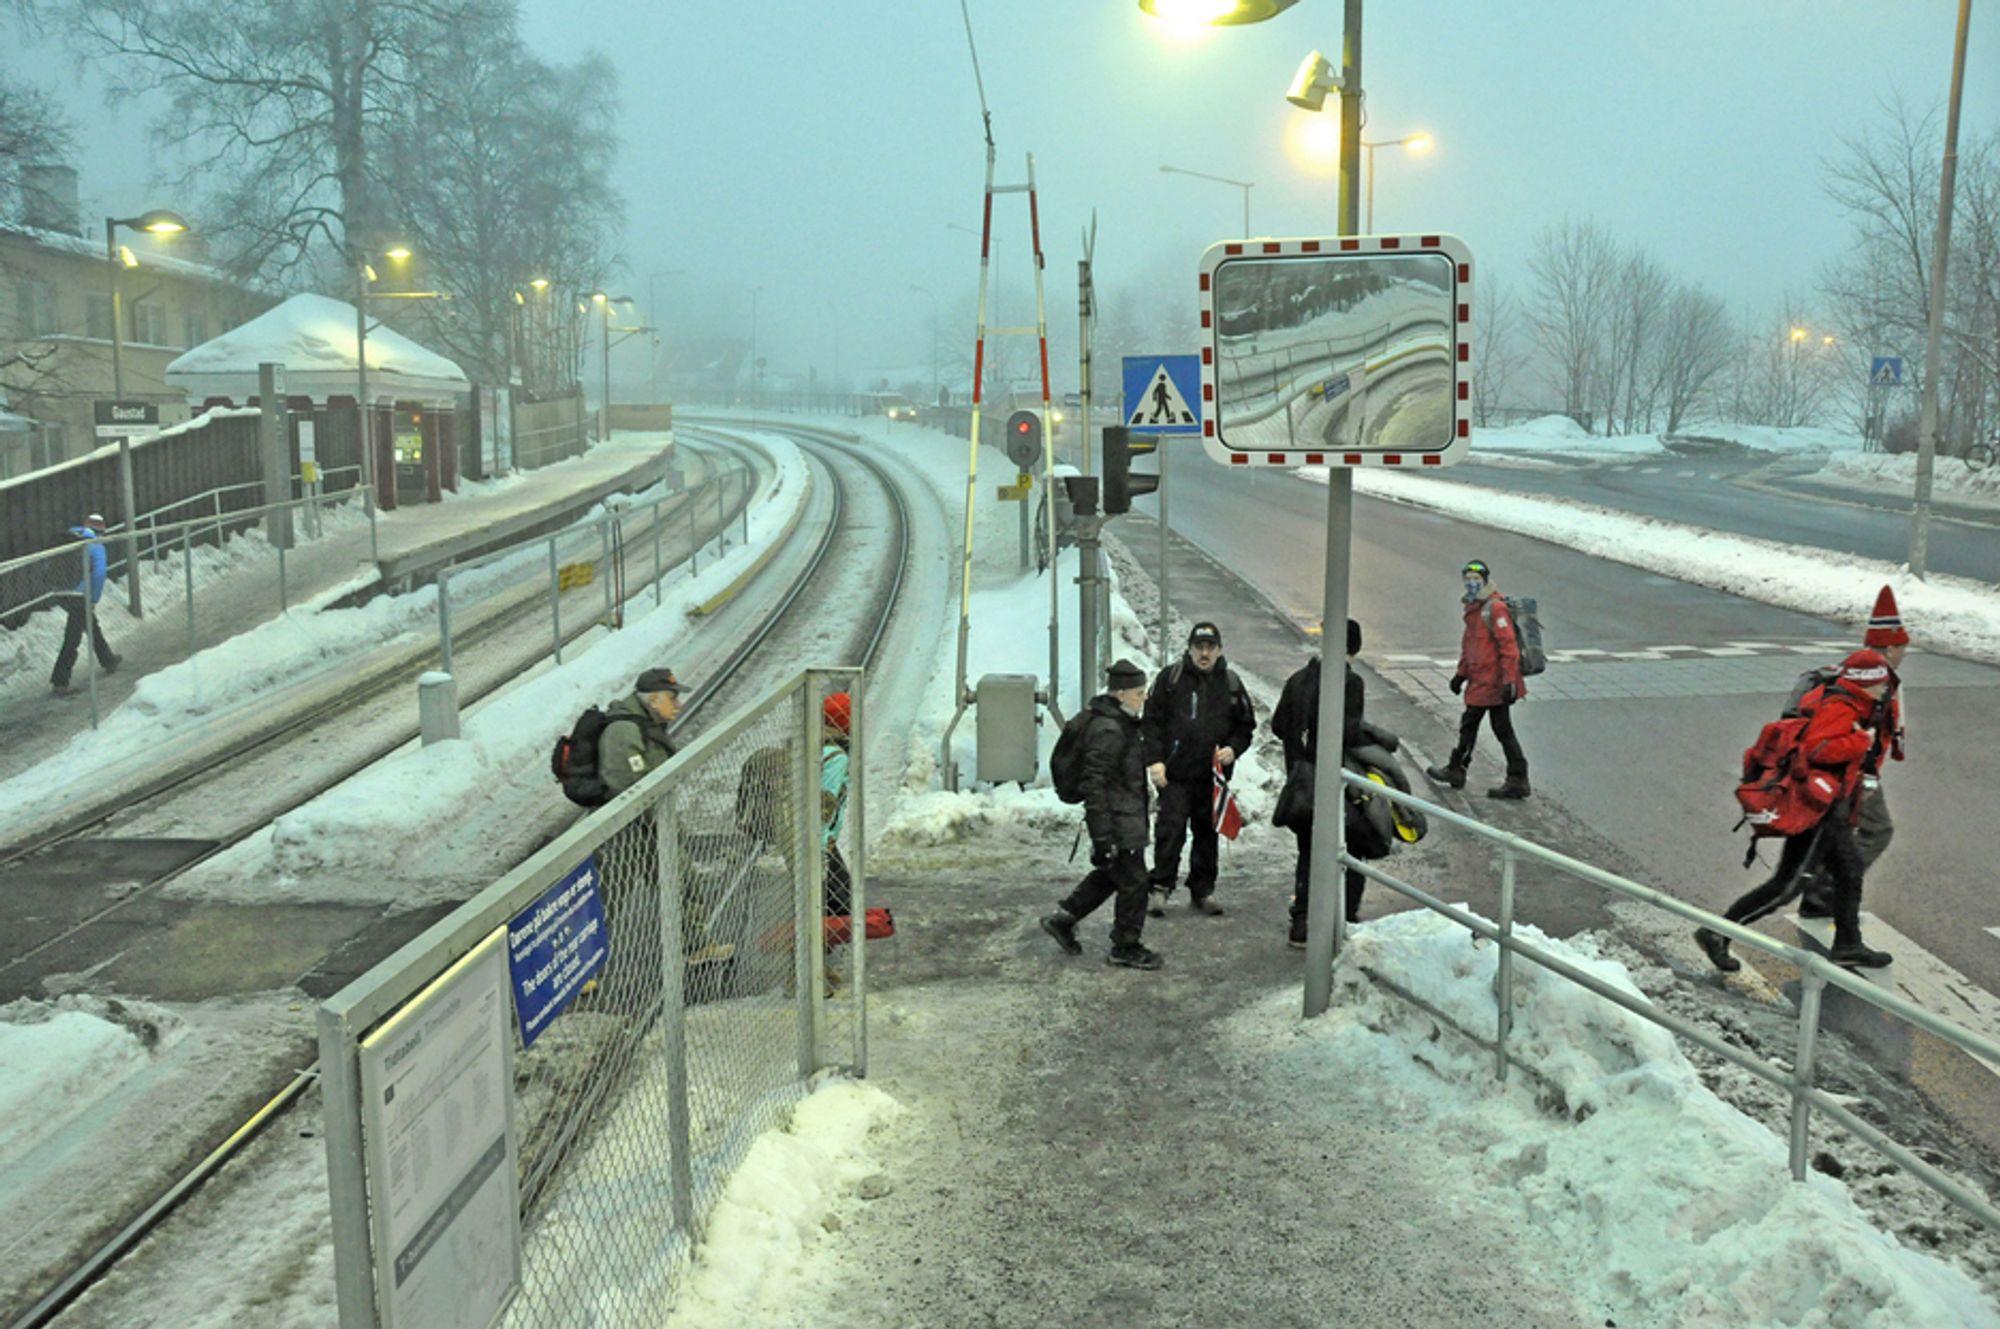 Fra og med juni neste år blir det slutt på gangtrafikk over Holmenkollbanen og Slemdalsveien ved Gaustad stasjon. Fotgjengere og syklister blir ledet under banen og vegen i en lang kulvert.